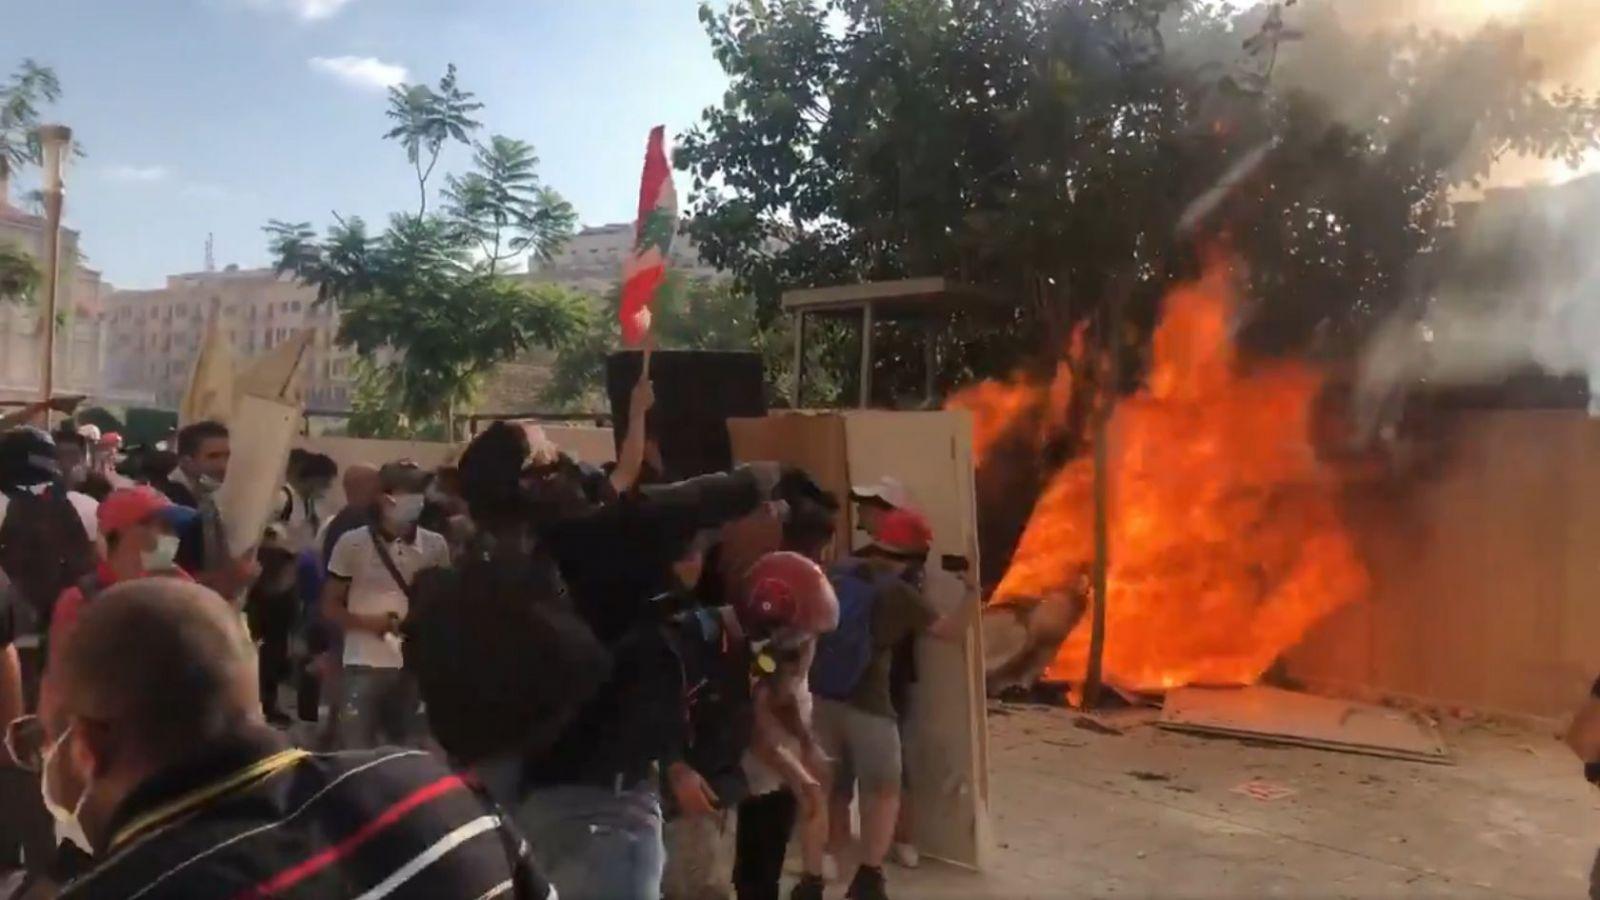 В центре Бейрута массовые беспорядки, застрелен сотрудник МИДа